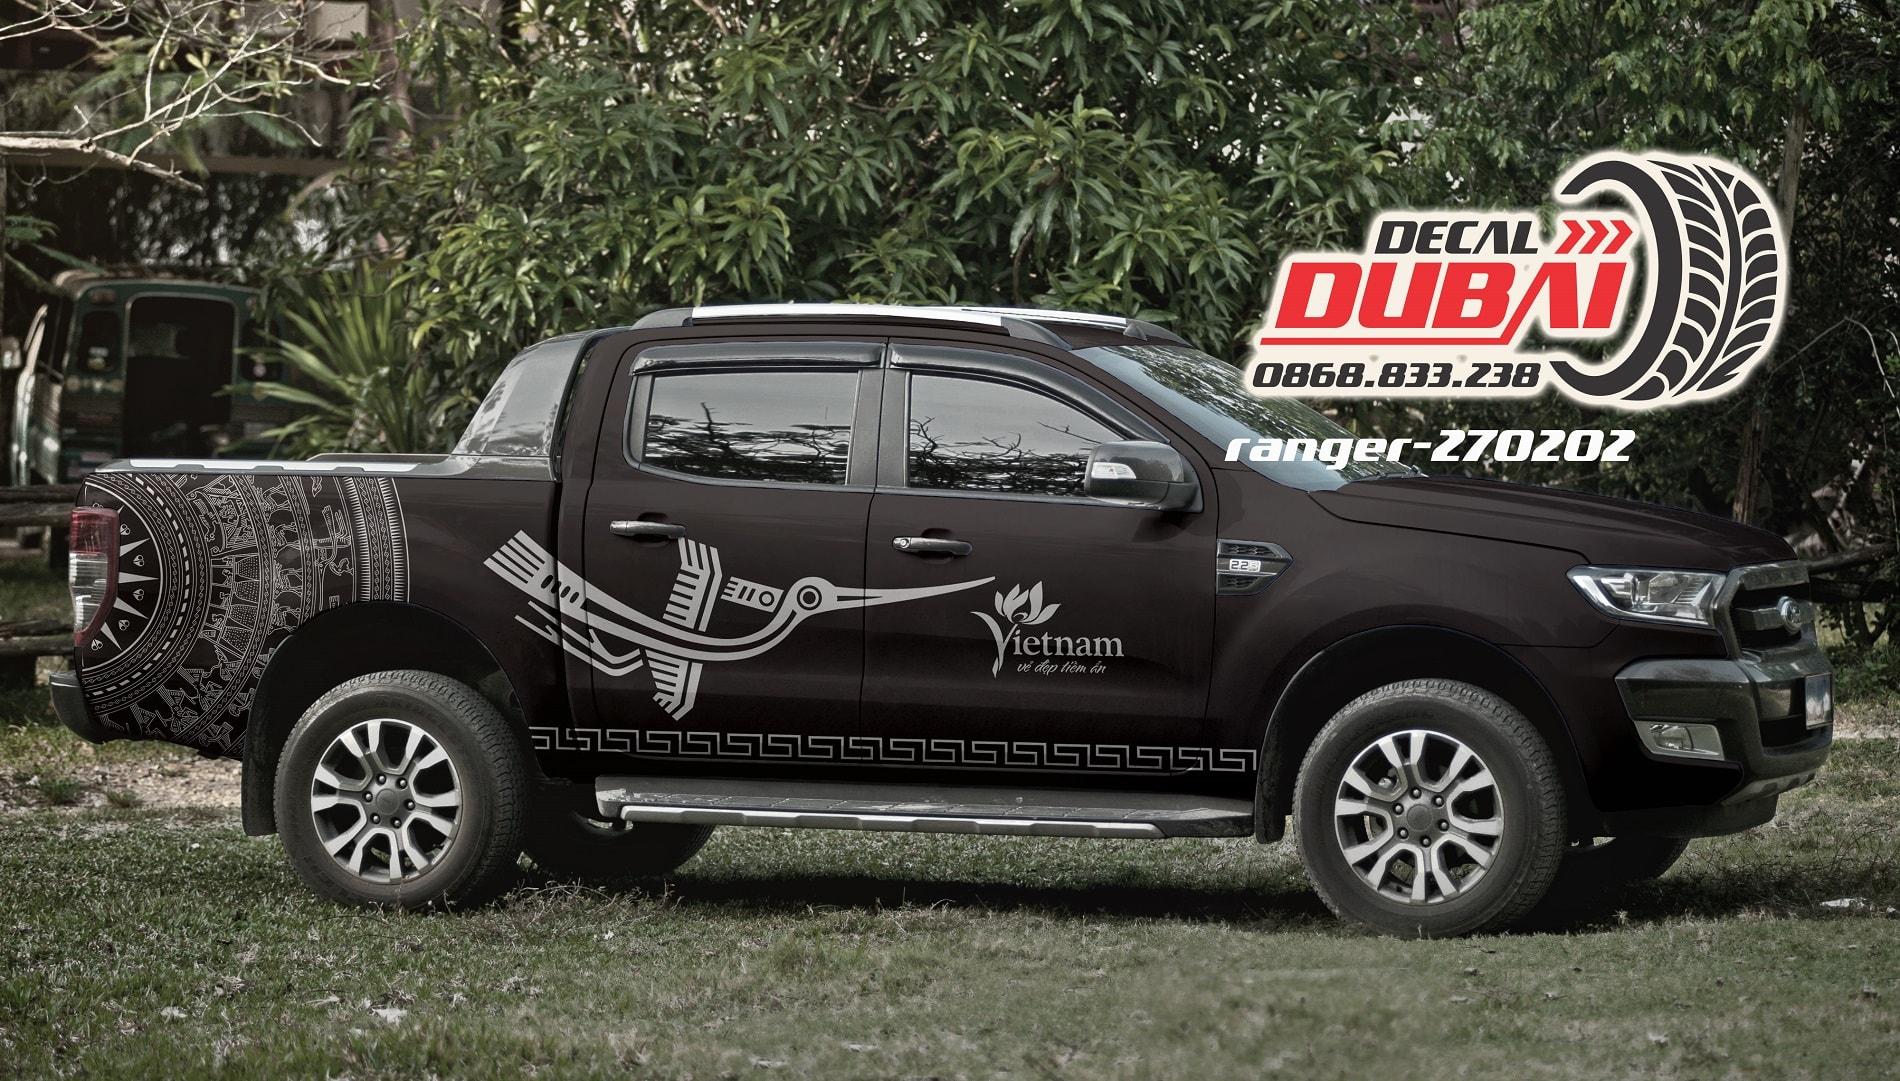 Tem-xe-ranger-270204-1450k-min